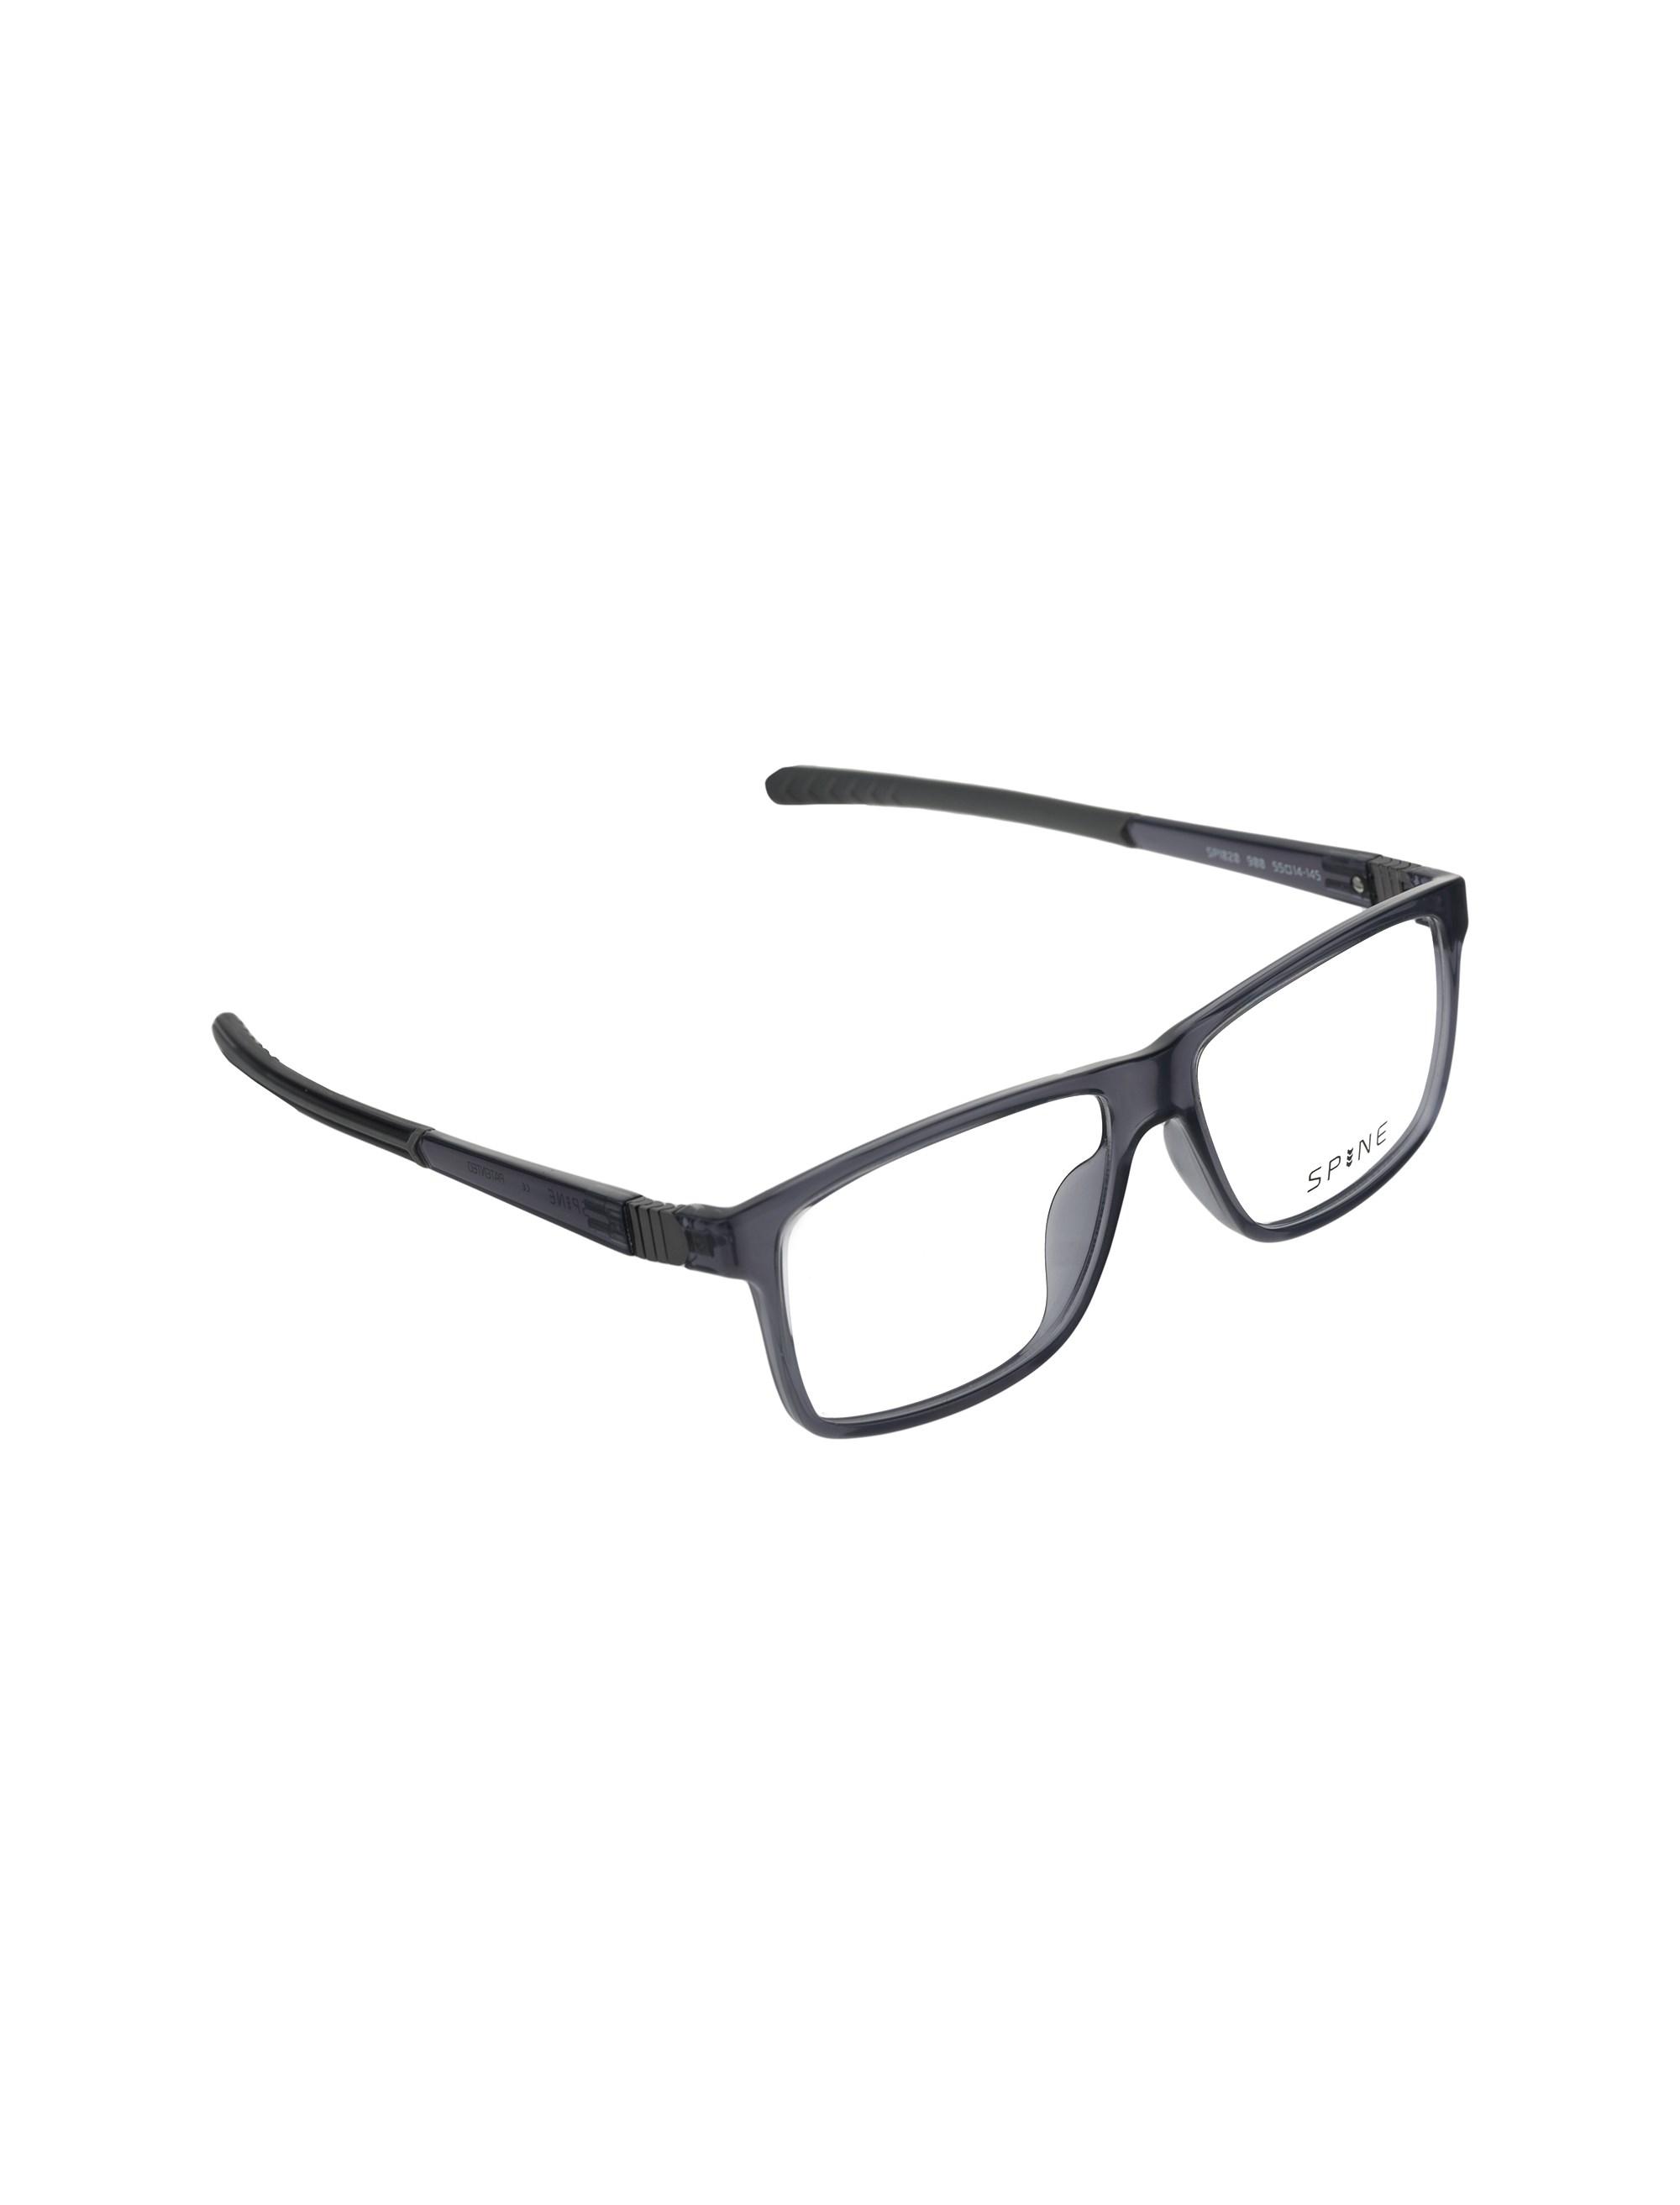 عینک طبی ویفرر زنانه - اسپاین